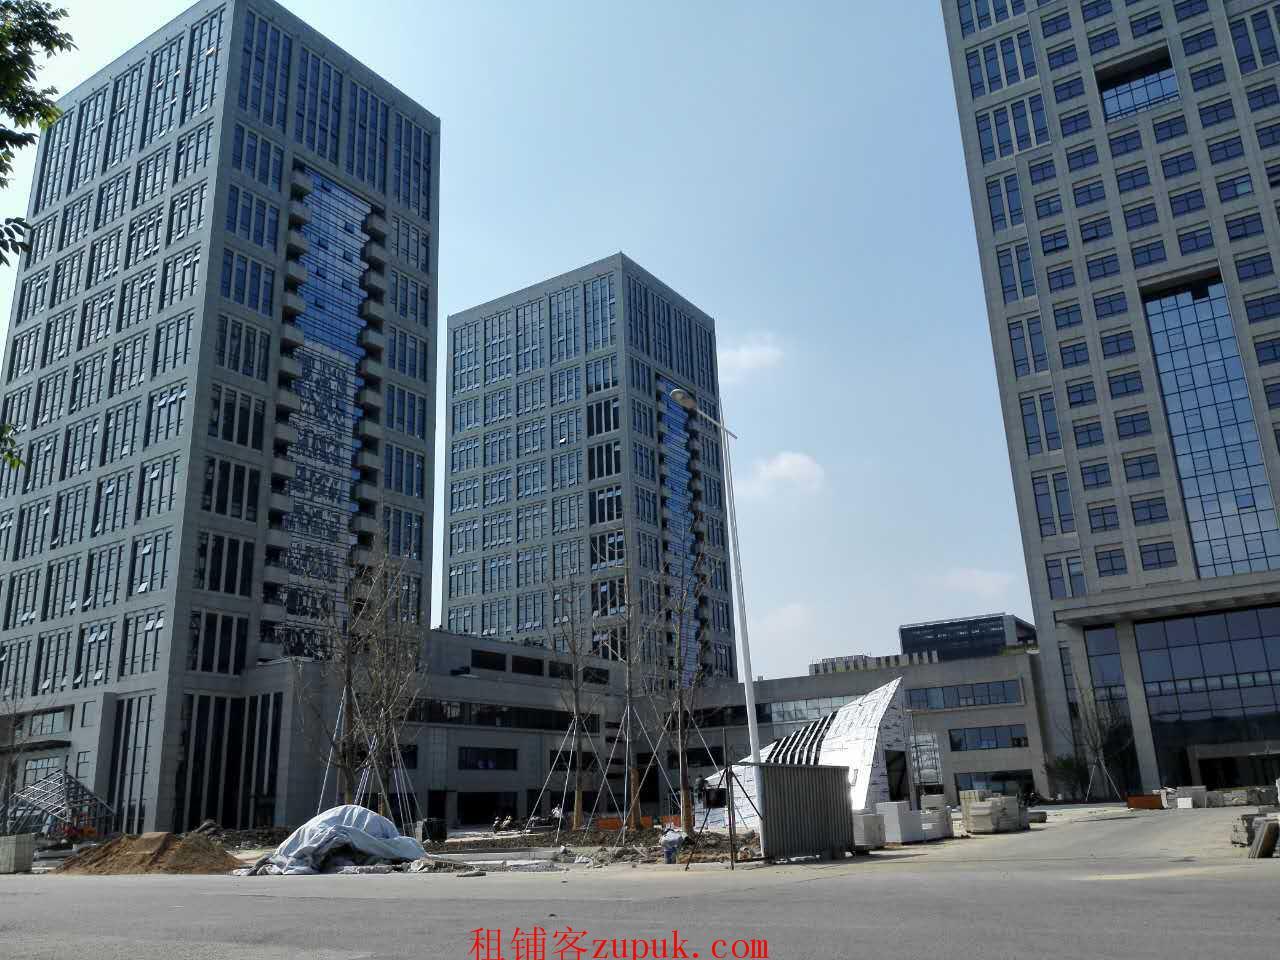 城西祖冲之路大型商场综合体大型招商中